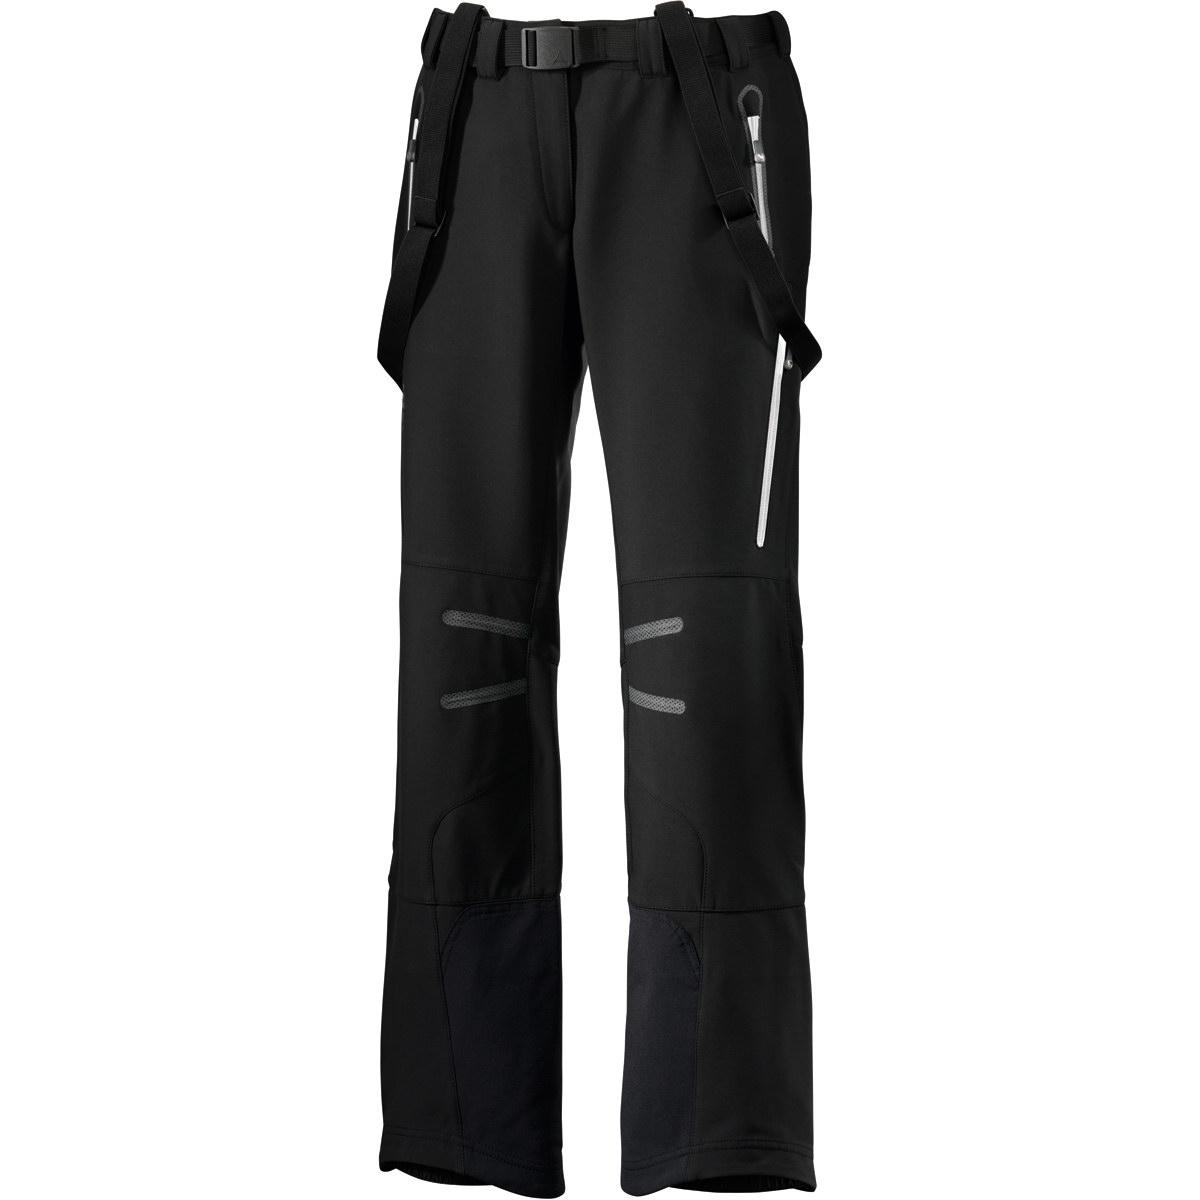 Schöffel Angebote –  45 Prozent Rabatt auf Schöffel Women's Windchill Pants II – Tourenhose